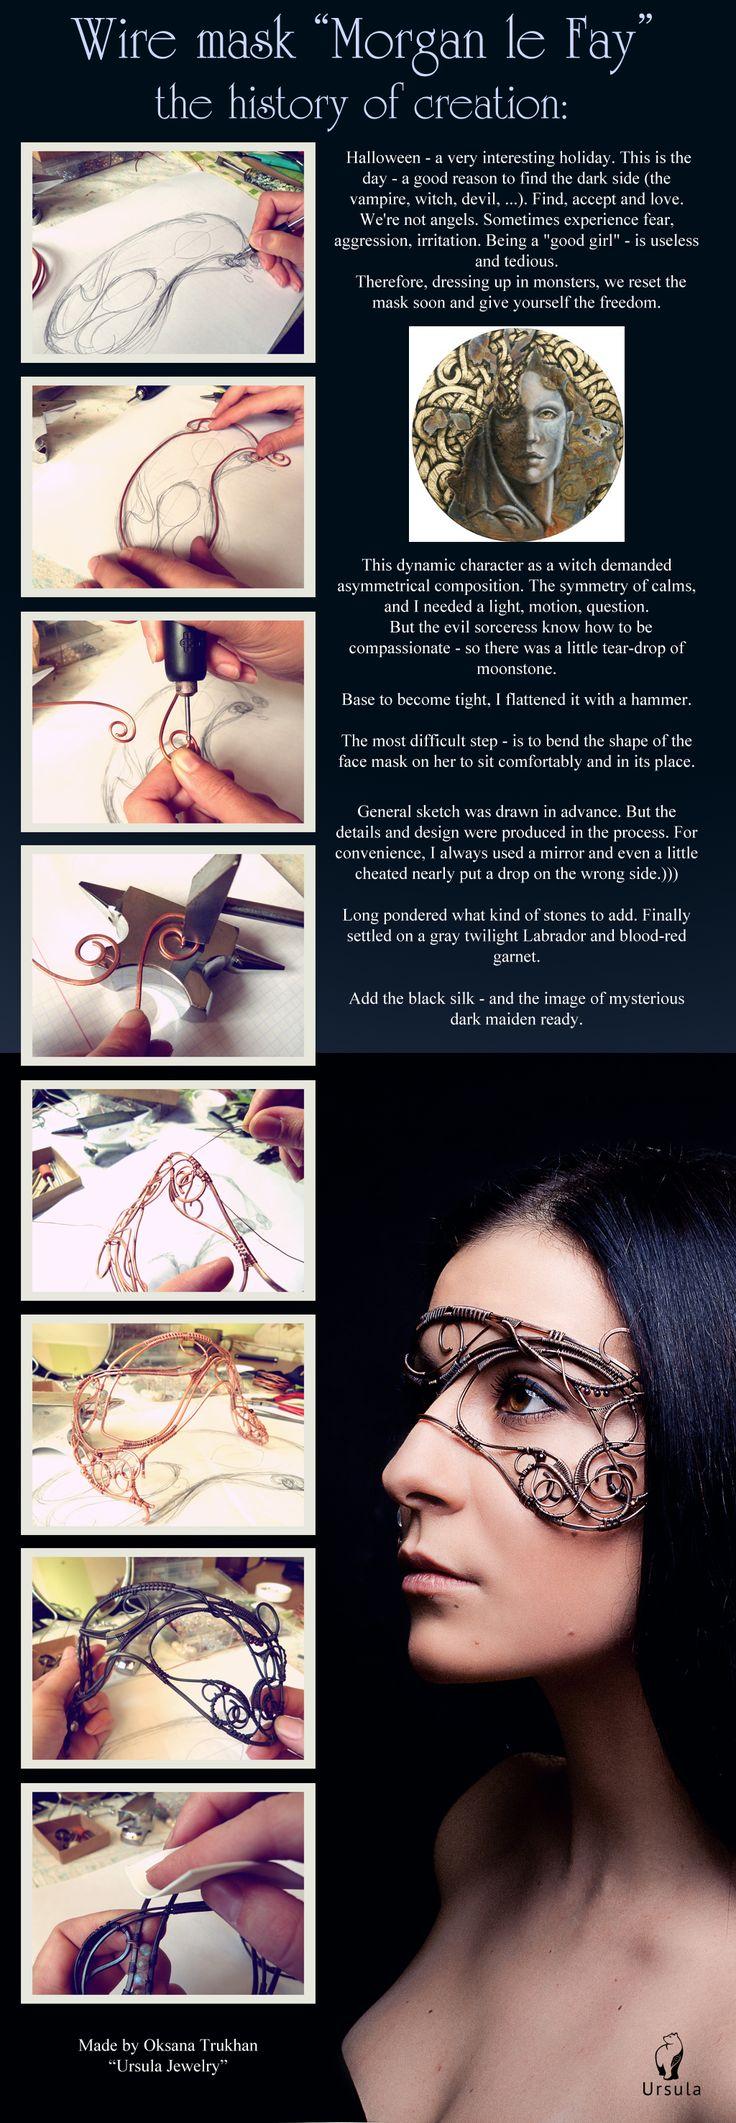 Antifaz de alambre- UrsulaOT.deviantart.com on @deviantART